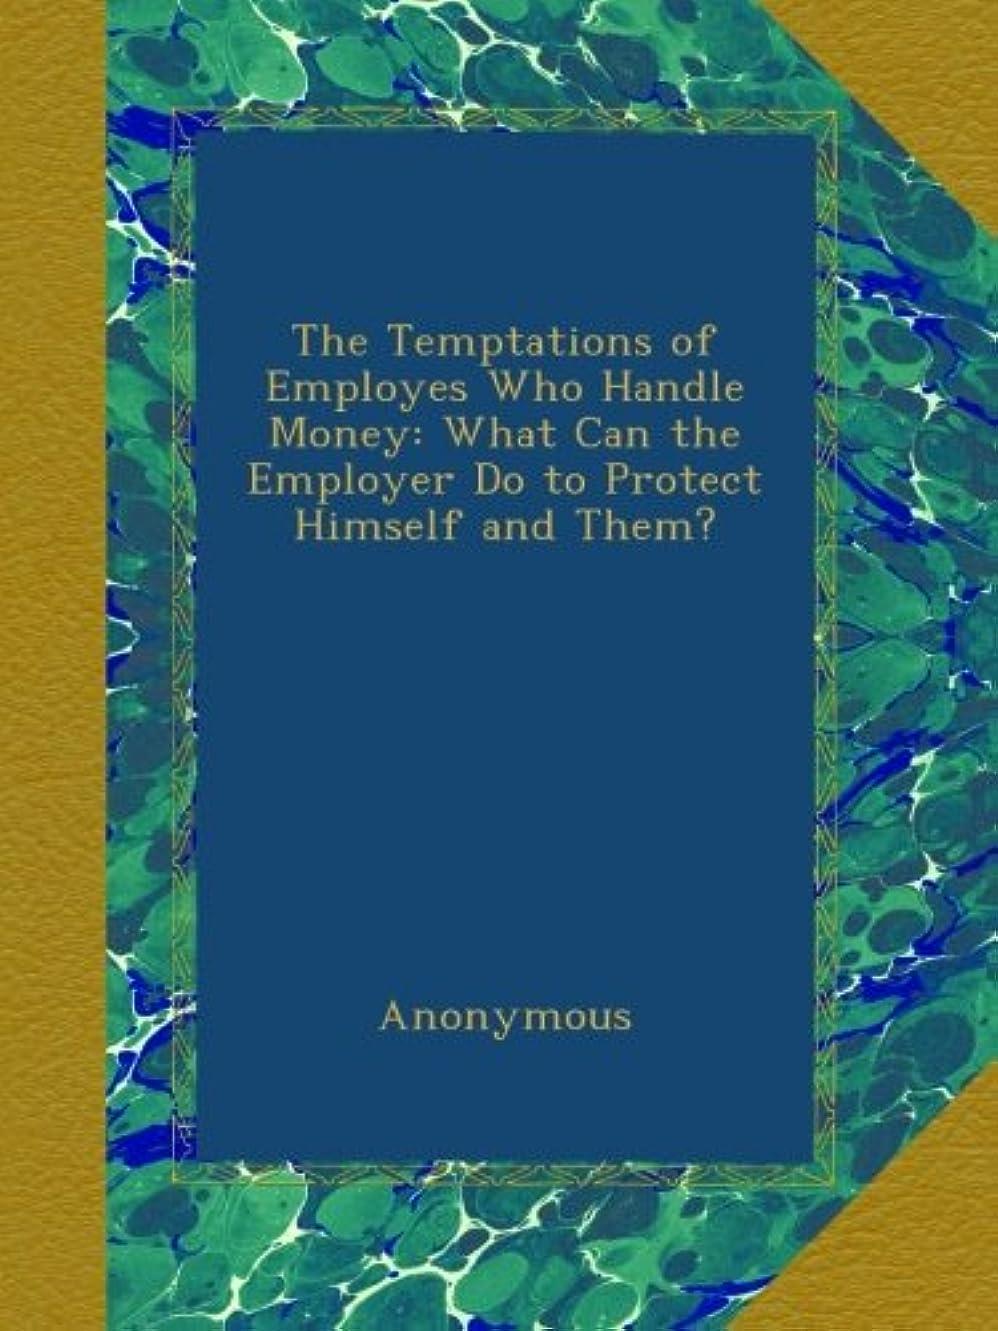 結核器用最も早いThe Temptations of Employes Who Handle Money: What Can the Employer Do to Protect Himself and Them?